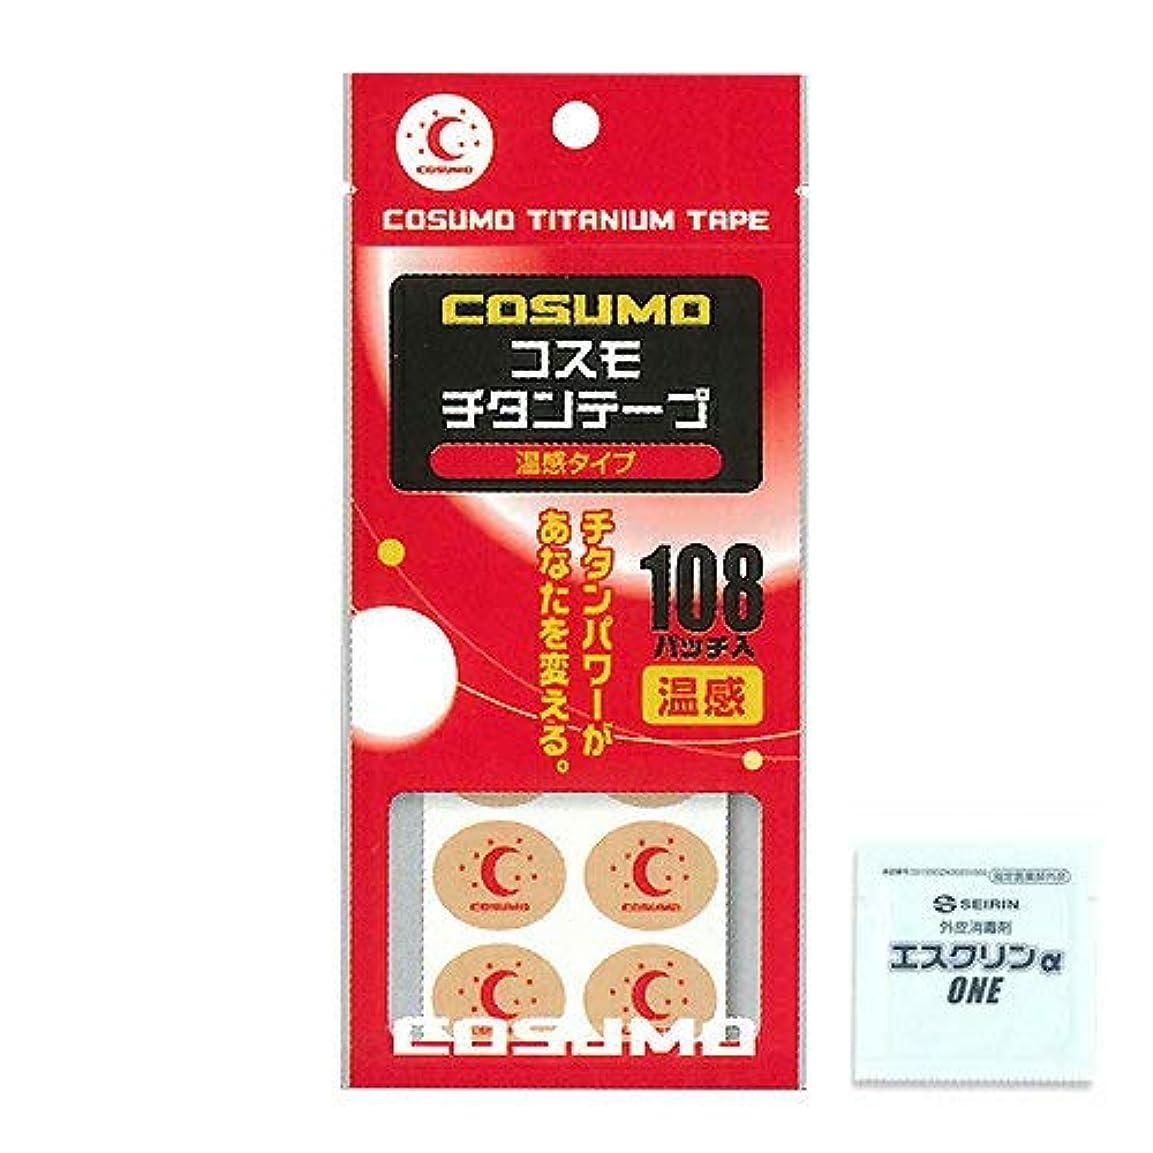 四回克服する塩日進医療器:コスモチタンテープ温感タイプ 108パッチ入×2個セット + エスクリンONE1包セット